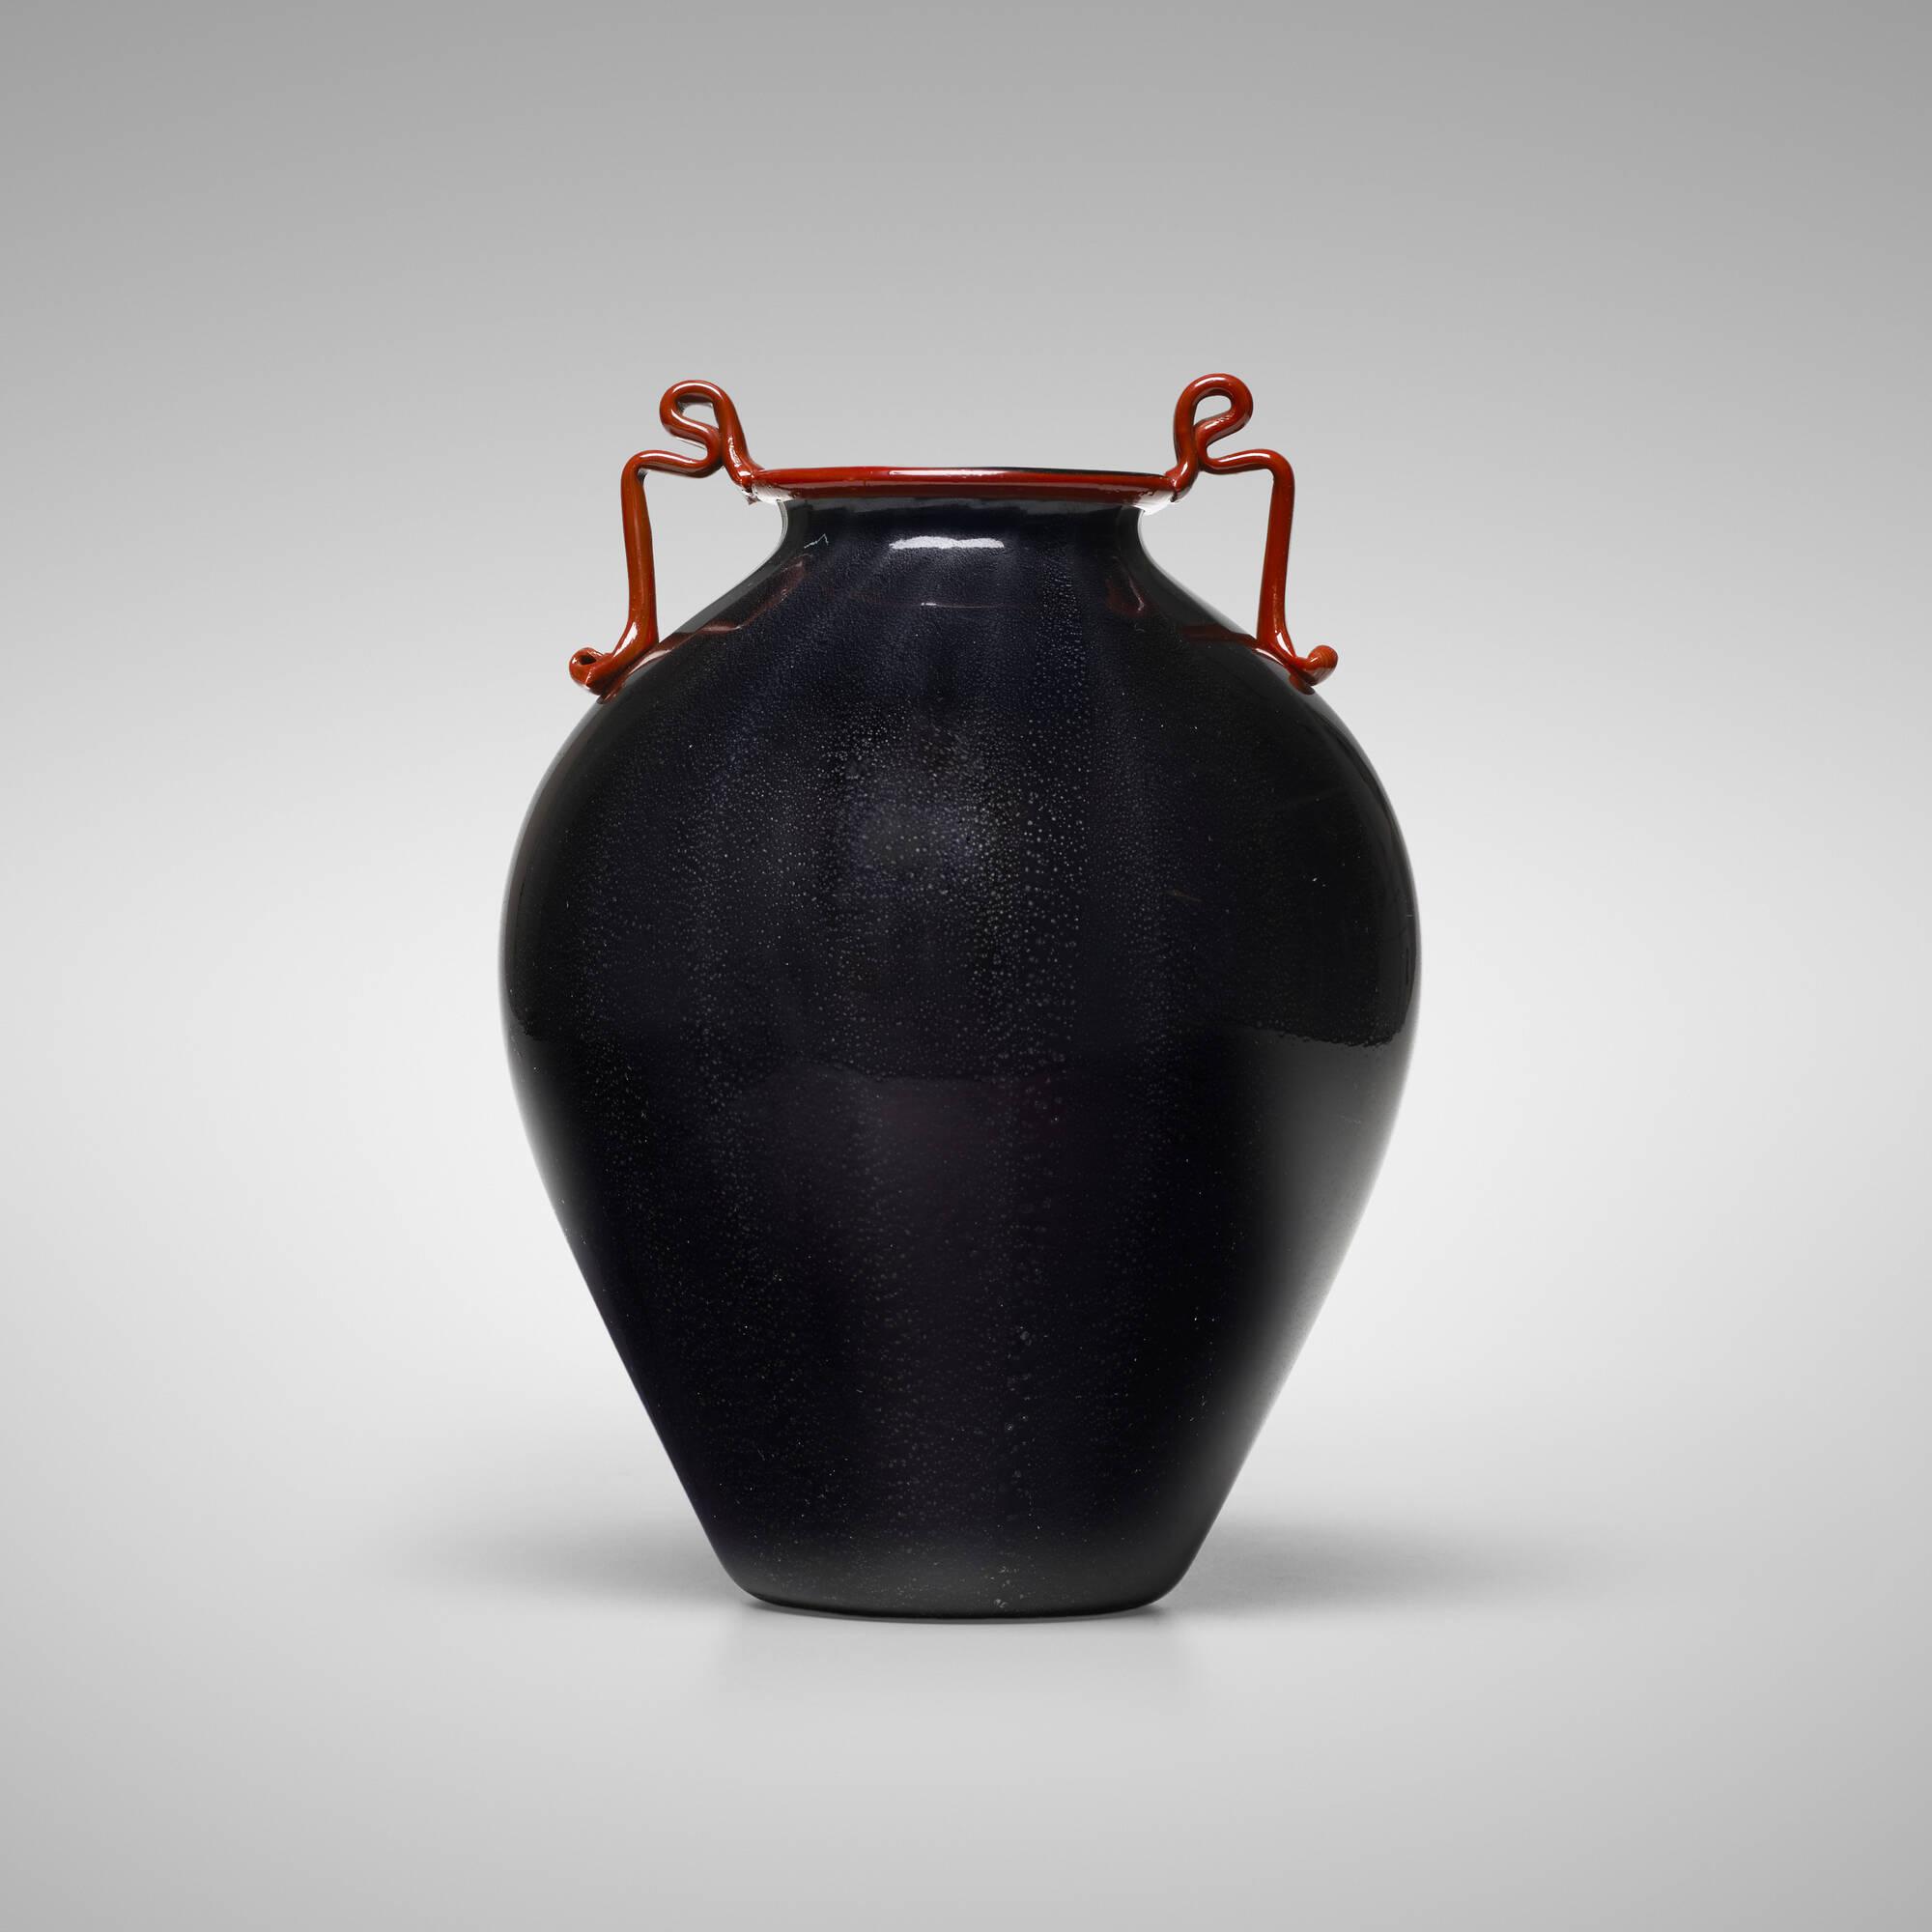 110: Fratelli Toso / Rosso e Nero vase (1 of 2)